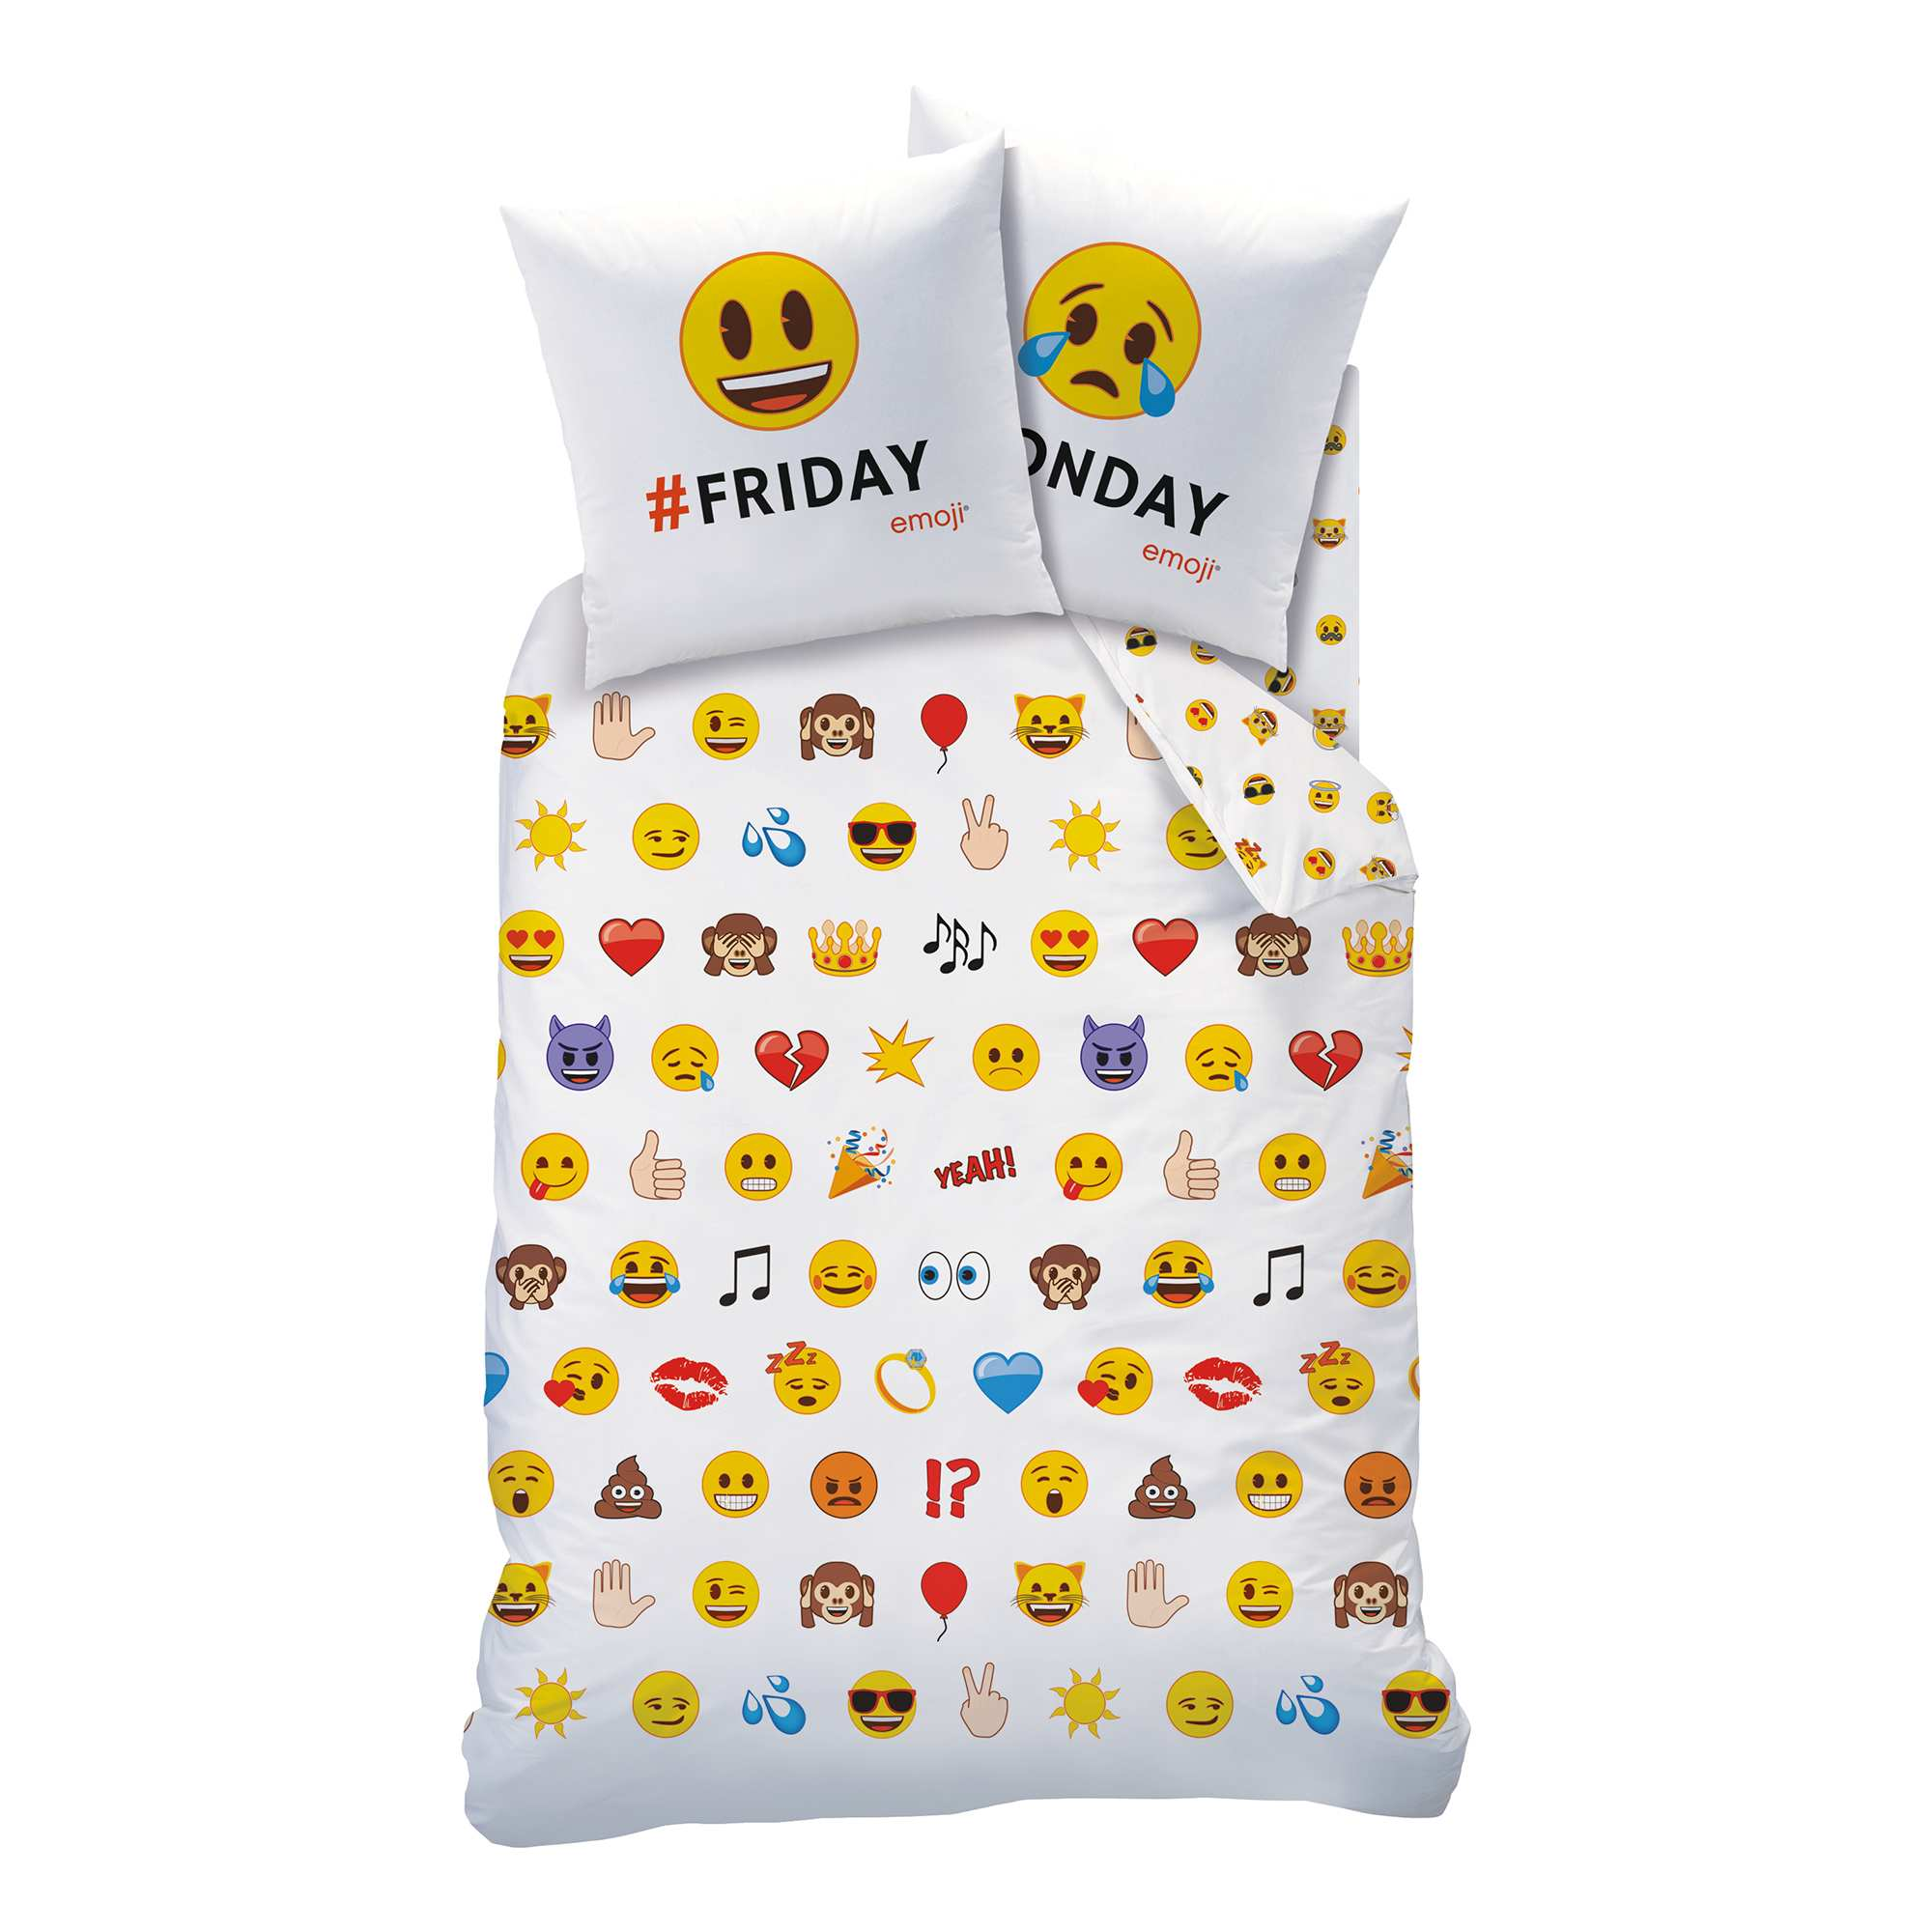 Couleur : blanc, , ,, - Taille : 140x200, , ,,Retrouves tout tes emoji préférés sur cette parure de lit ! - Parure de lit 1